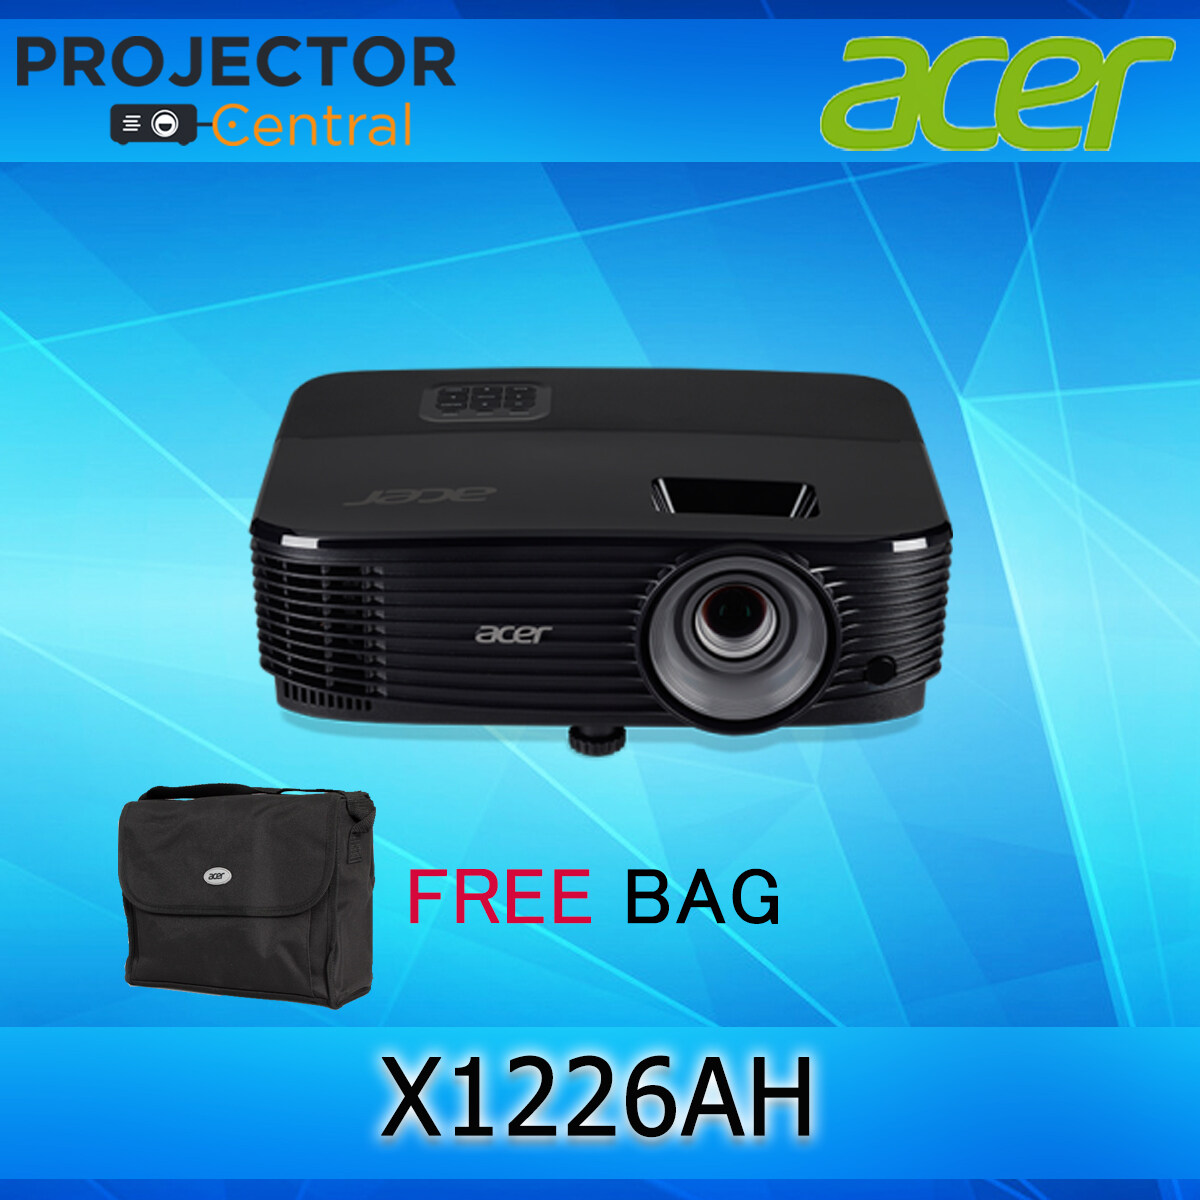 Acer X1226ah Dlp Projector เครื่องฉายภาพโปรเจคเตอร์ รุ่น X1226ah การรับประกันตัวเครื่อง 3 ปี Free กระเป๋าโปรเจคเตอร์.